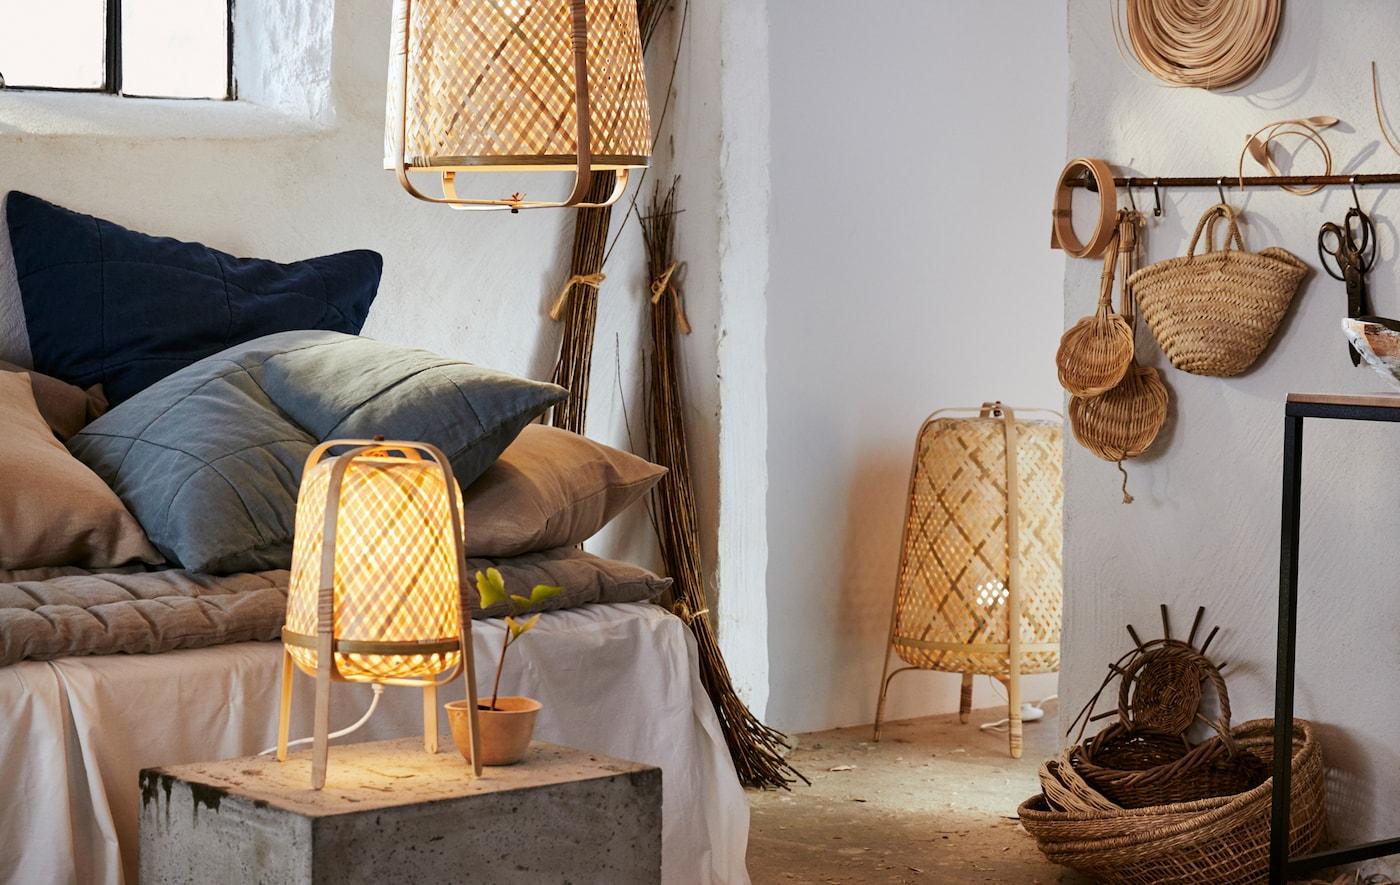 غرفة بيضاء مع منسوجات محايدة، وسلال من الروطان، ومصباح أرضي من الخيزران، ومصباح طاولة ومصباح معلق.